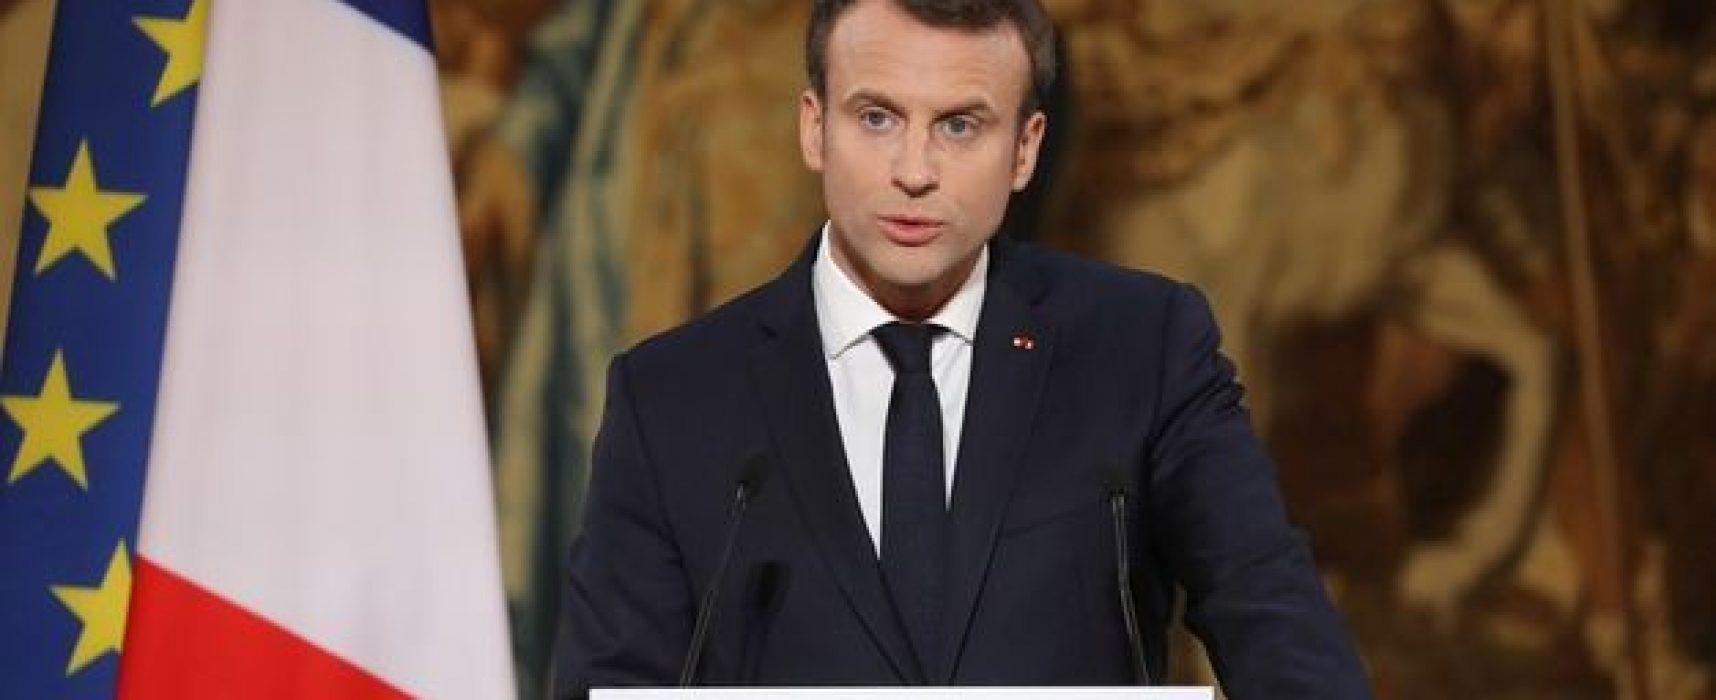 El presidente francés inicia una ley para contrarrestar noticias falsas